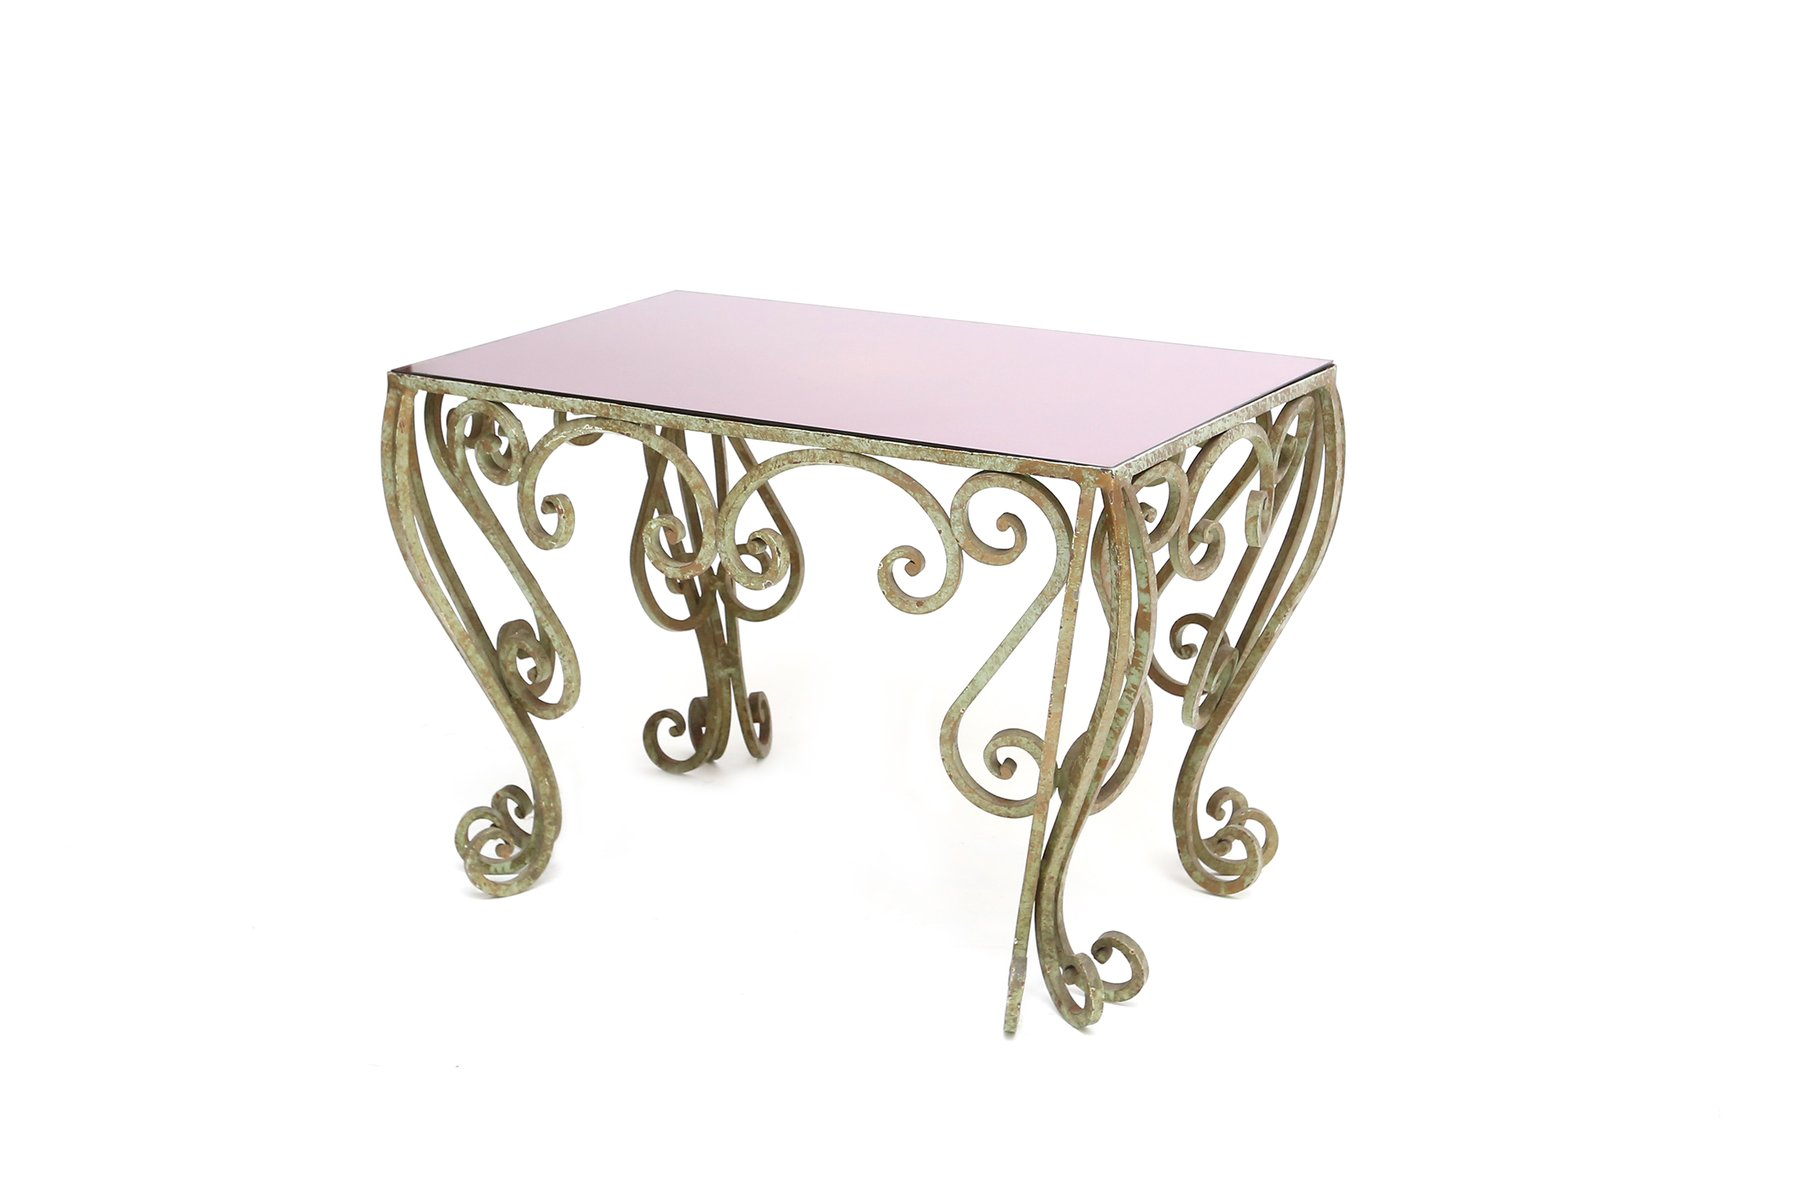 Tavolino da caffè in ferro battuto e vetro viola in vendita su Pamono